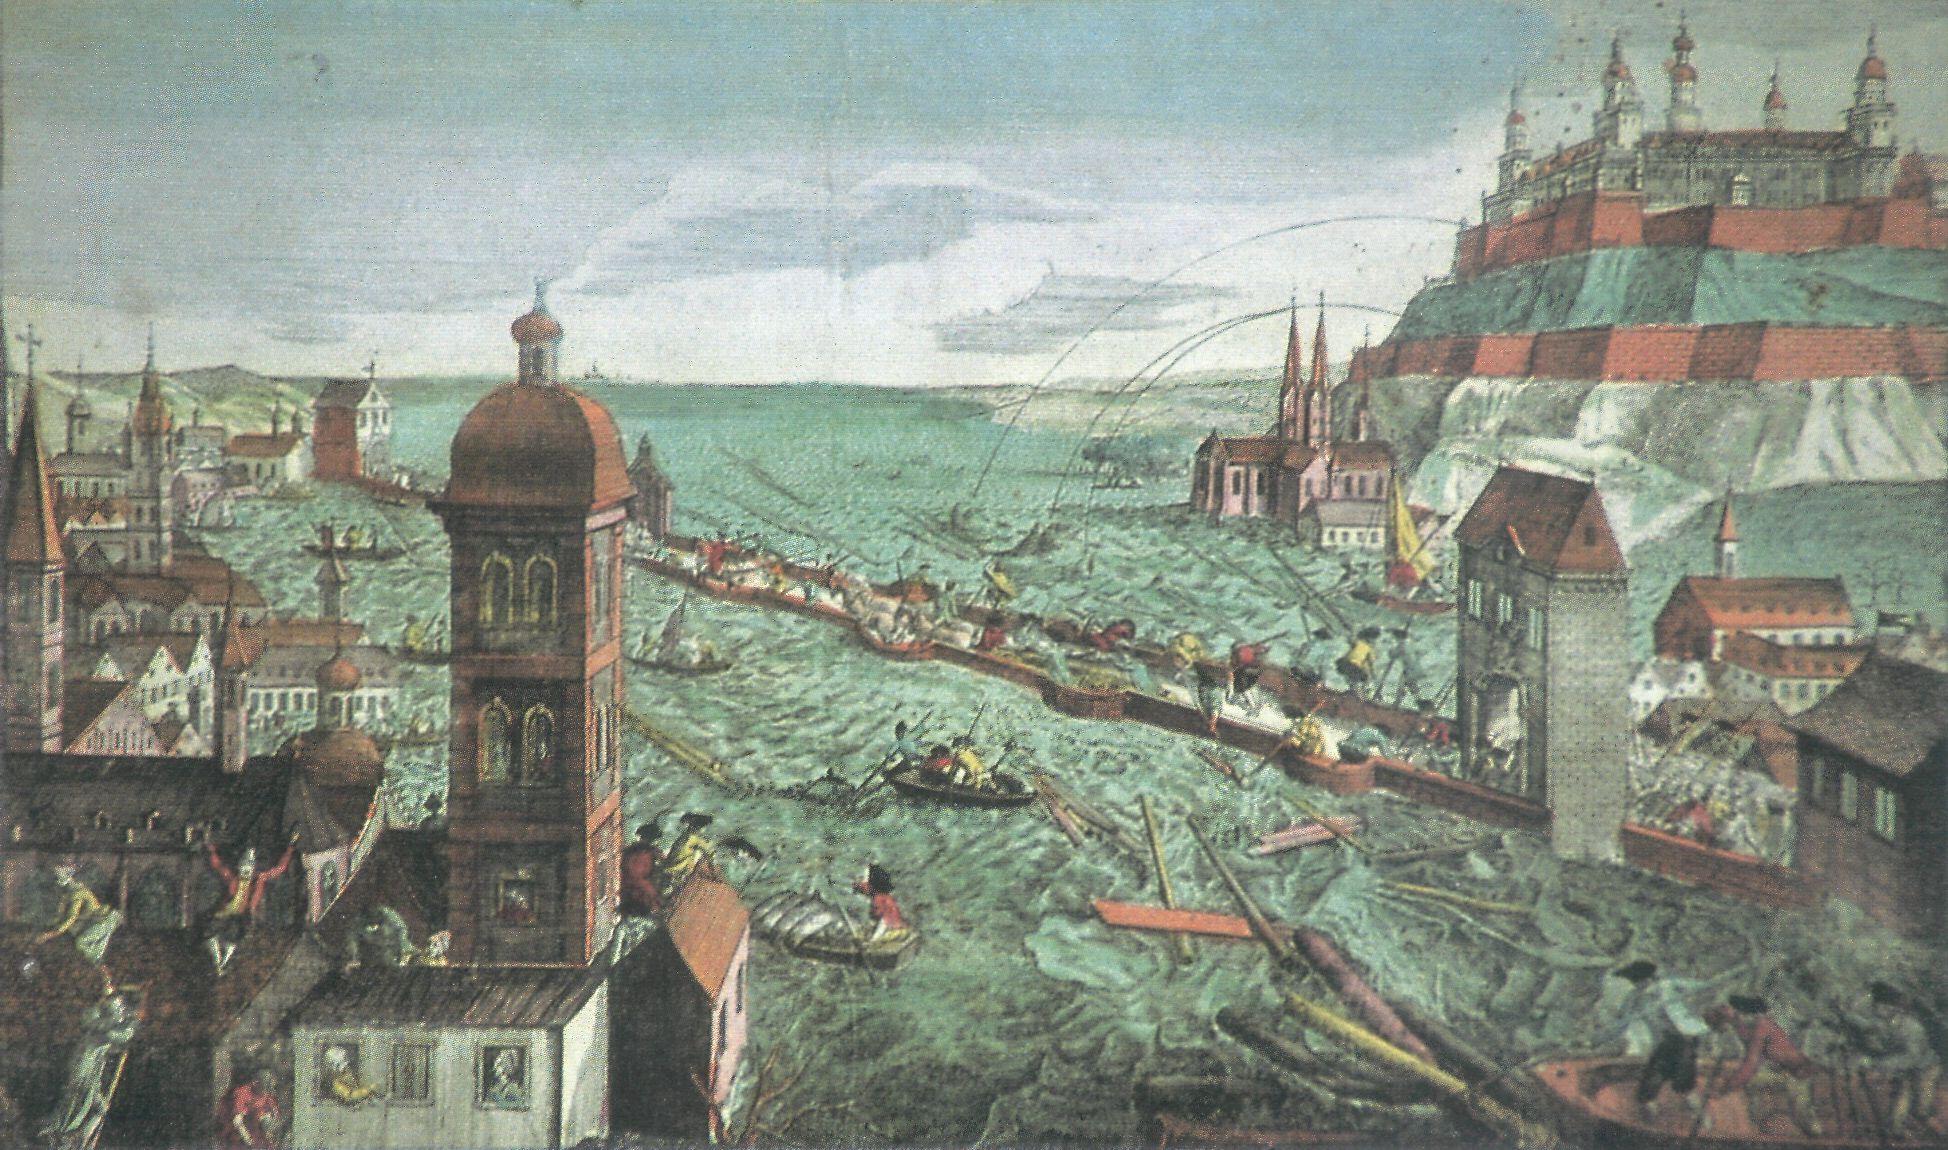 File:Hochwasser in Würzburg, 1784.jpg